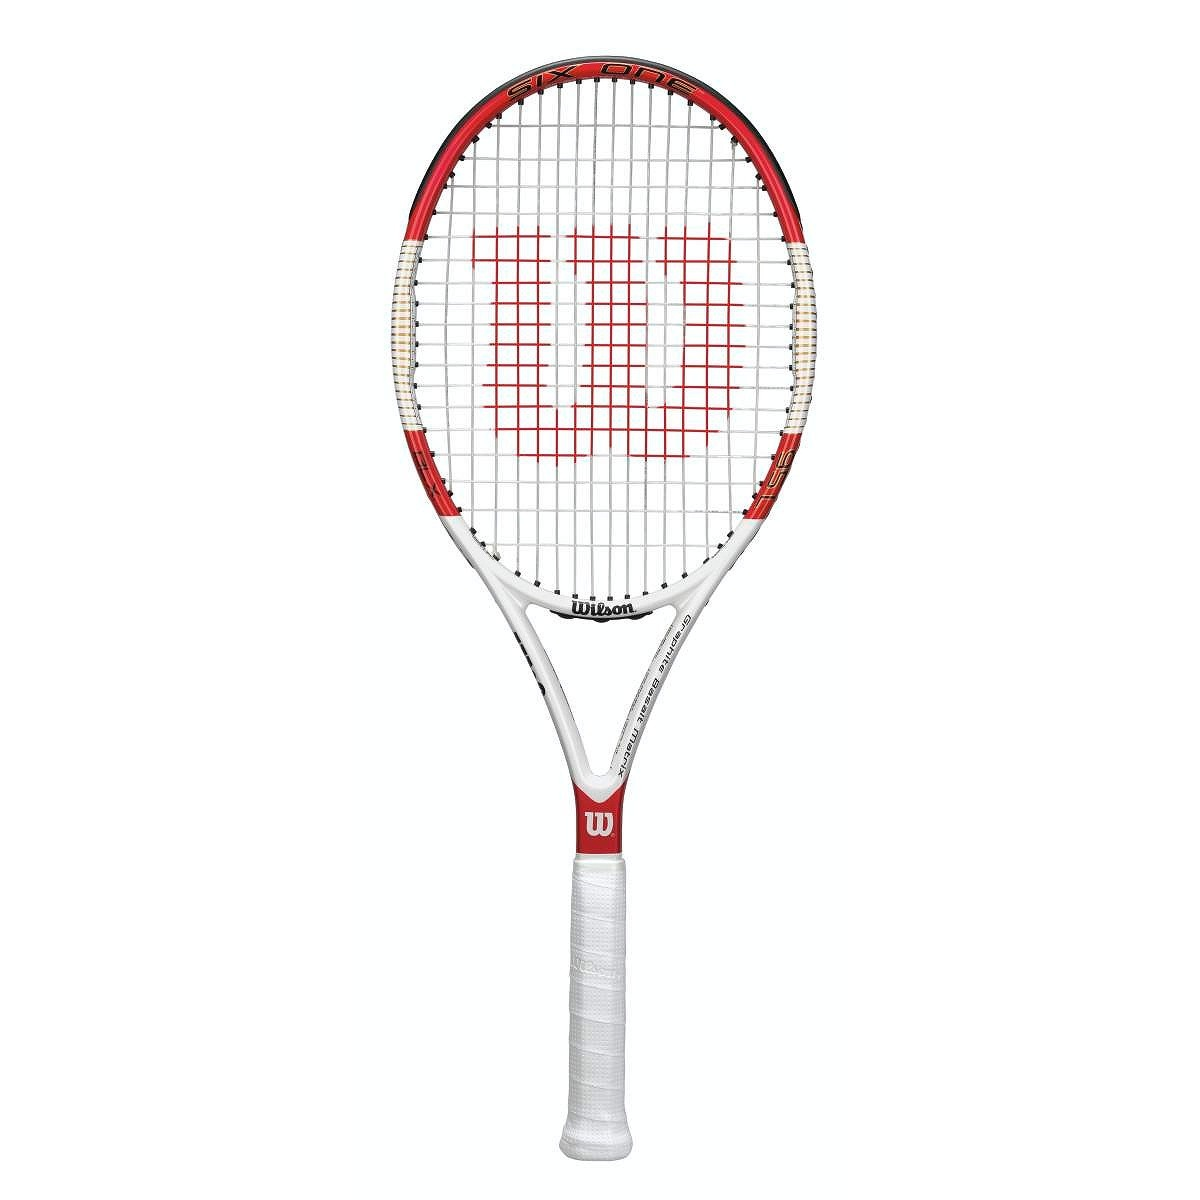 e18b0630700 raquete de tênis wilson six one 95 l 289g (6.1 team). Carregando zoom.